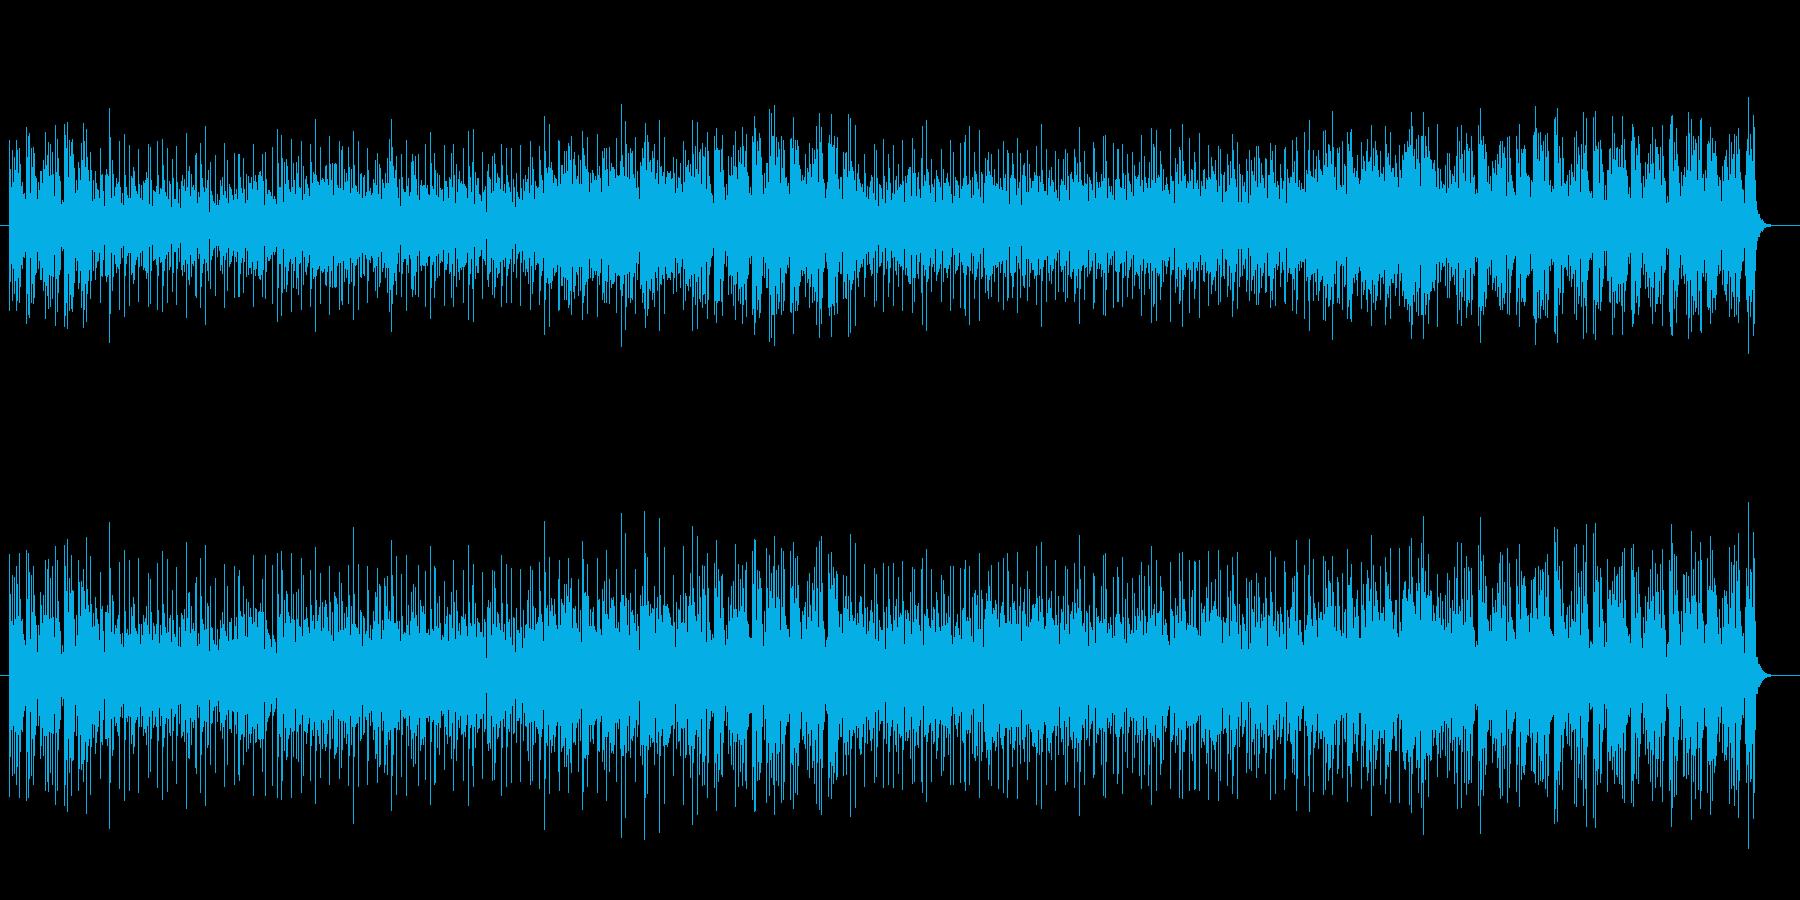 軽快でさわやかなニューミュージックの再生済みの波形